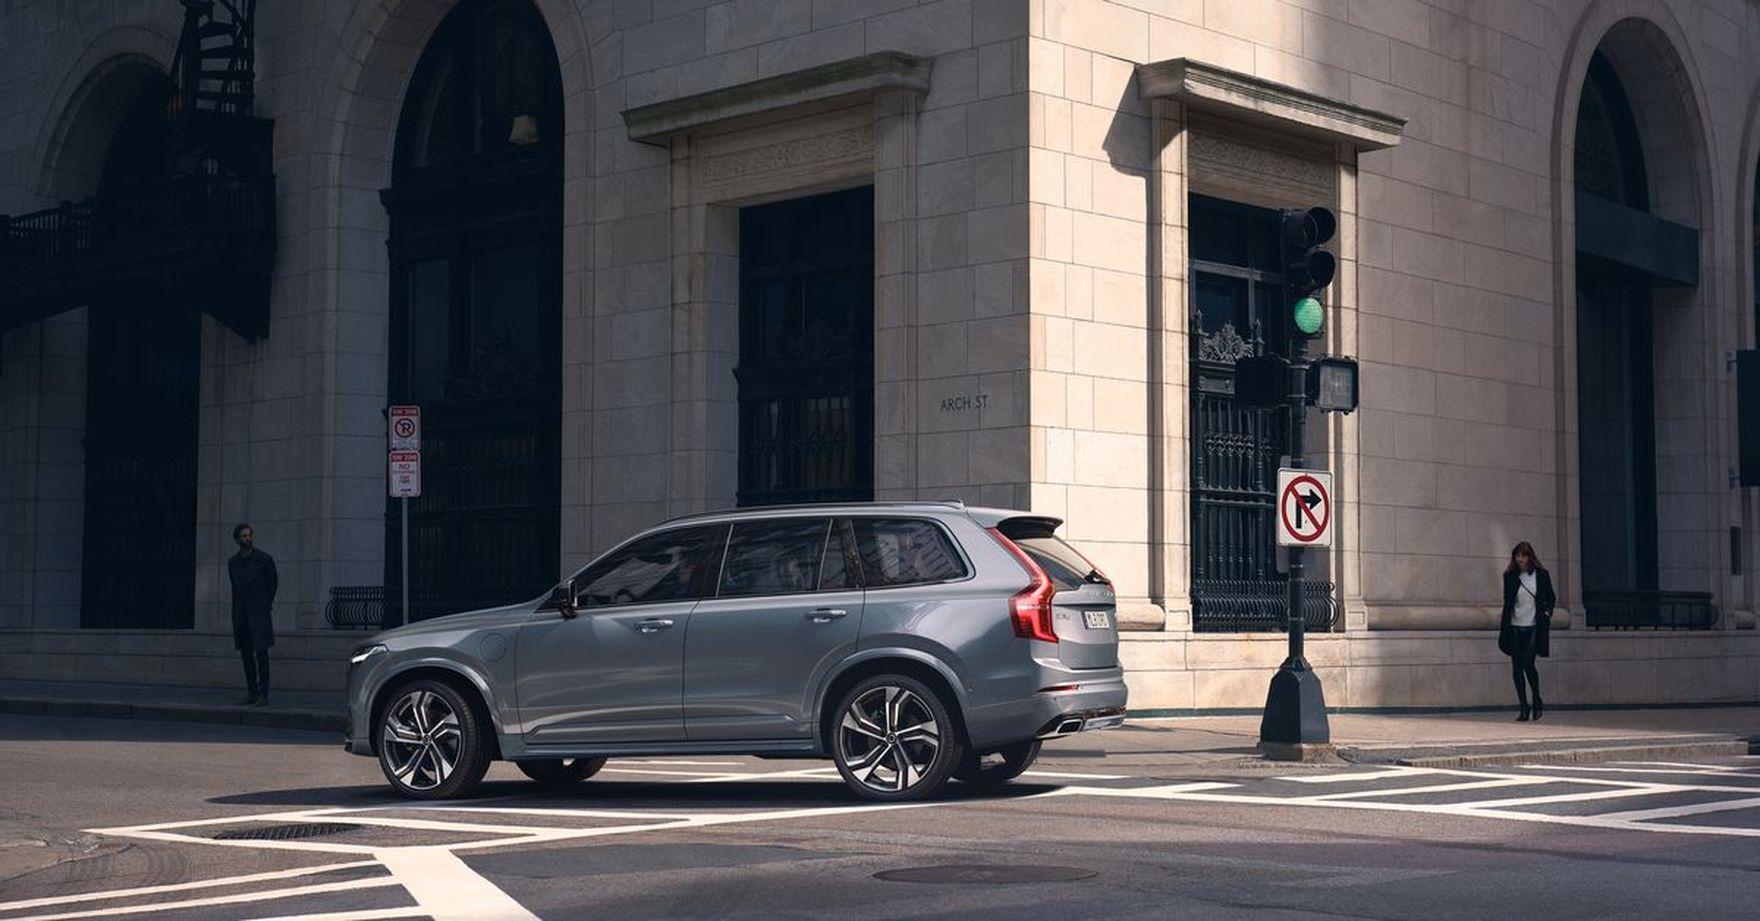 Przestronne, rodzinne, oszczędne i bezpieczne. Sprawdzamy co oferuje Volvo XC90